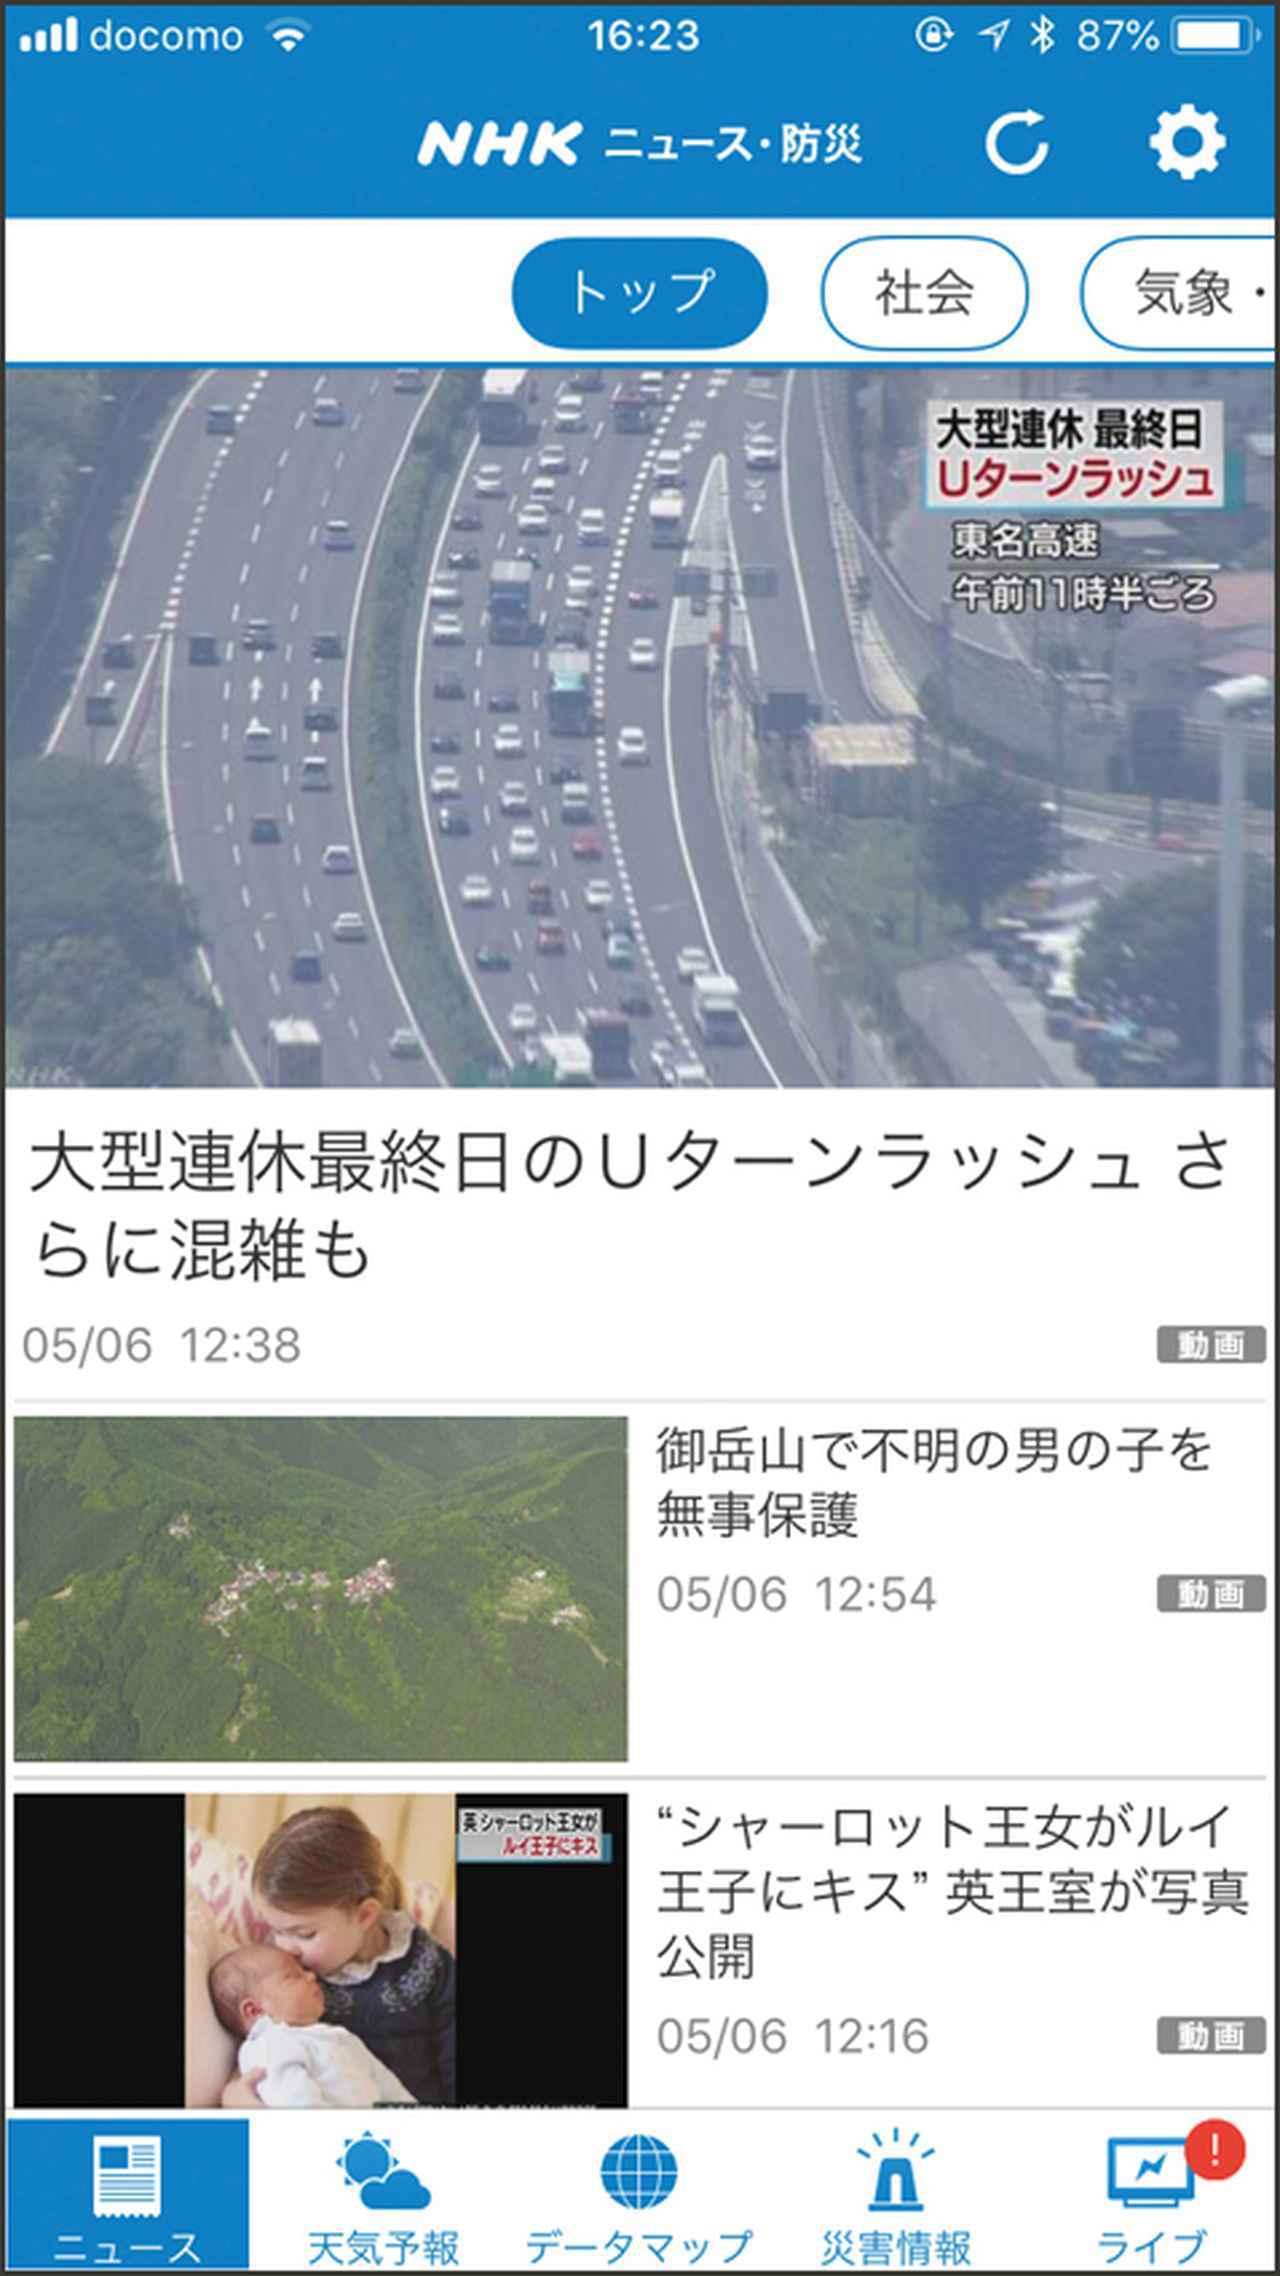 画像: ニュース機能では、写真や動画付きの記事を読める。